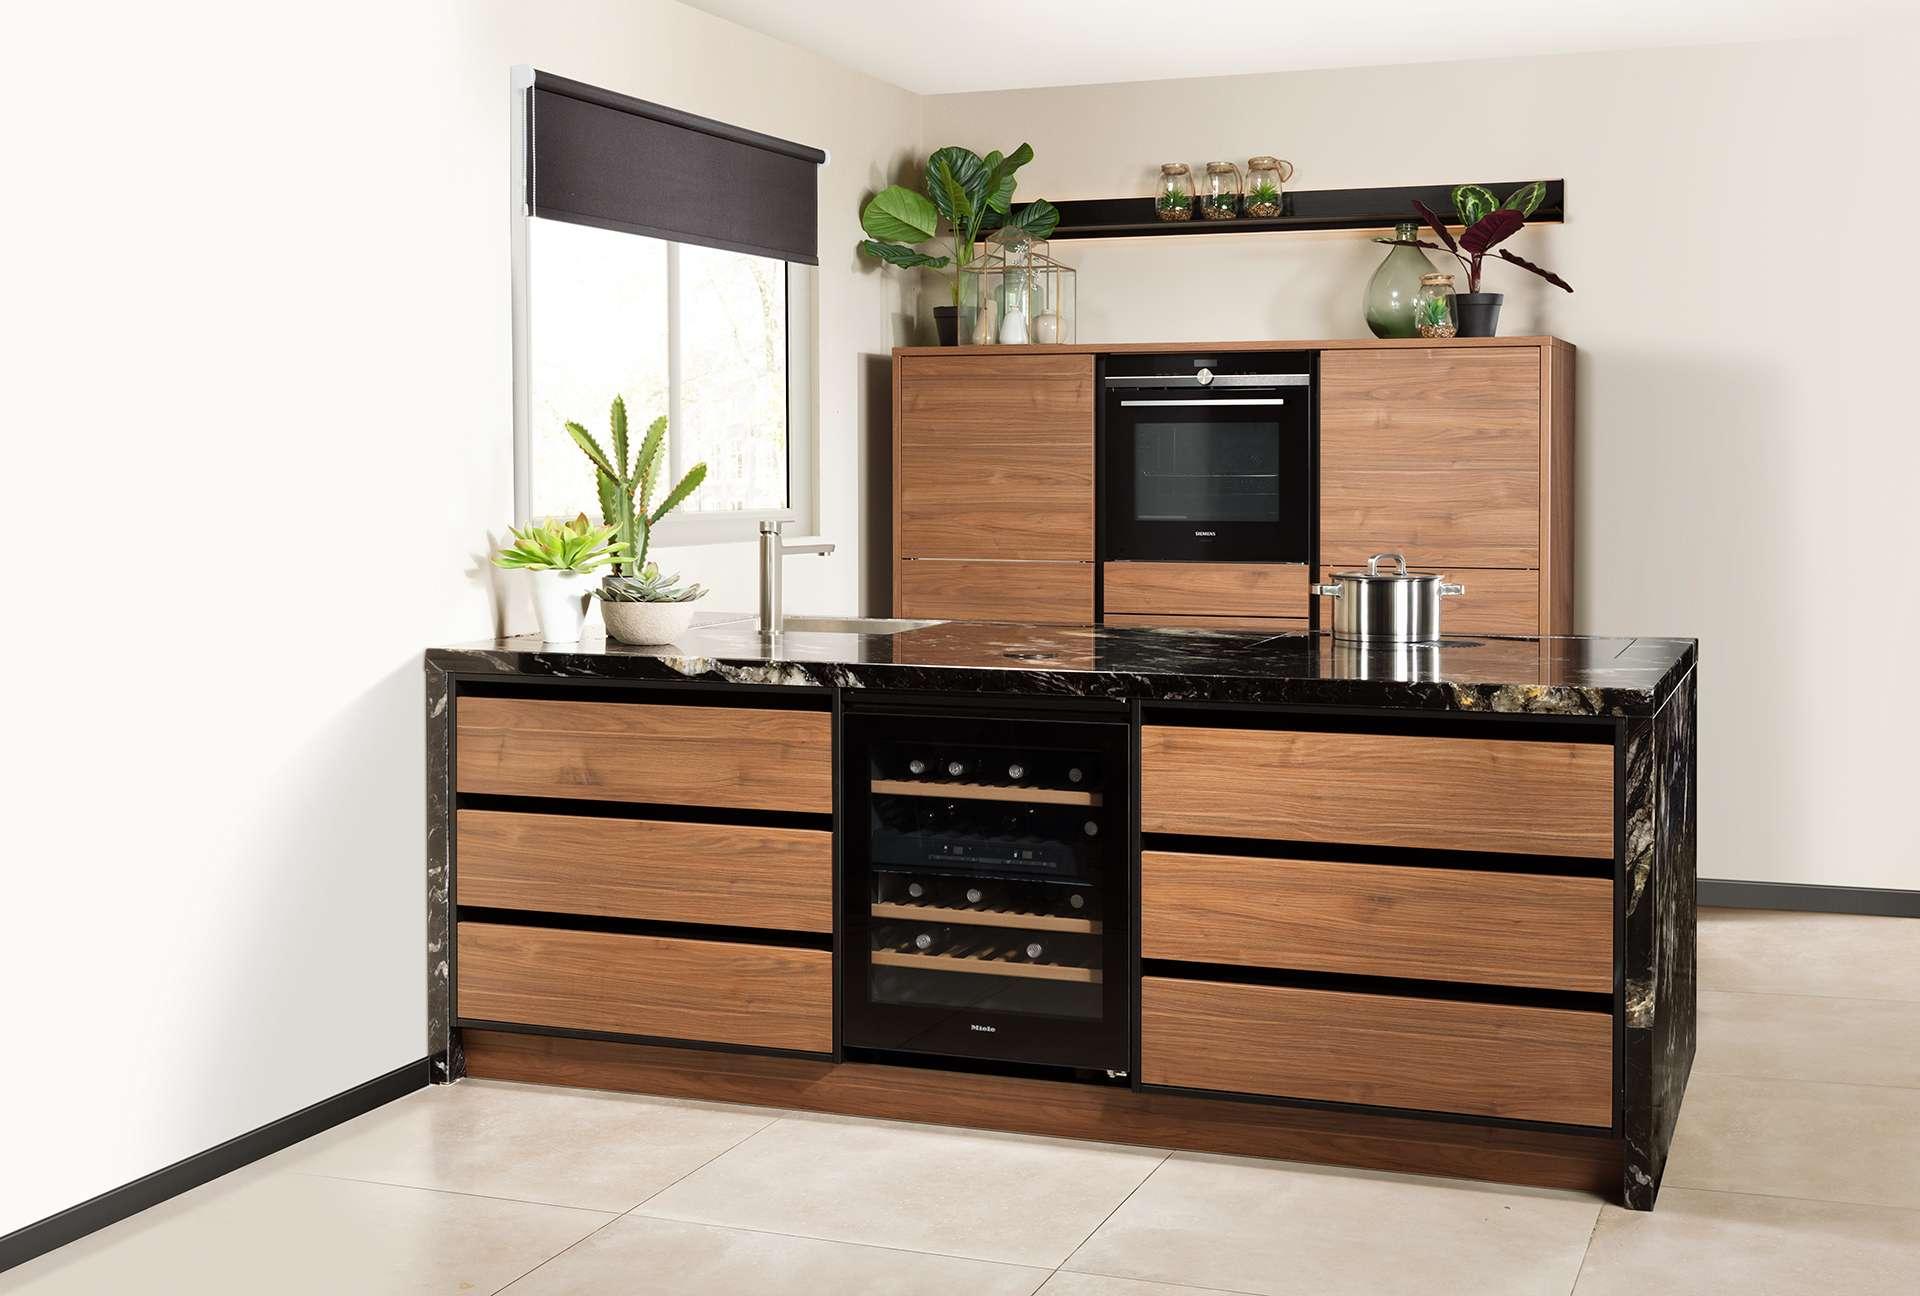 keuken hout met zwart marmer